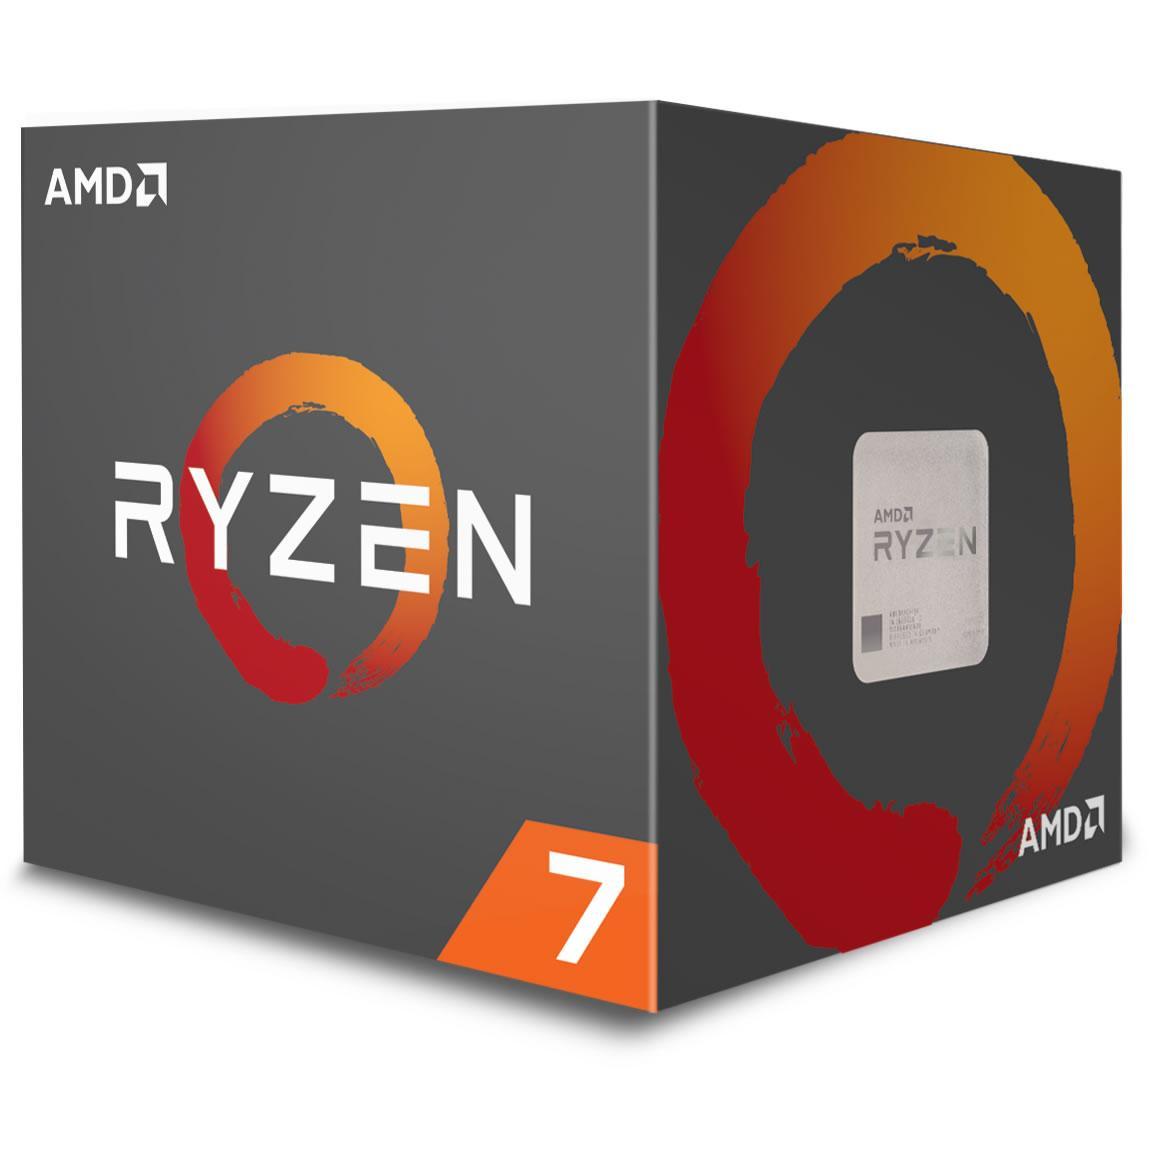 AMD Ryzen 7 1700X 3.4 GHz 8-Core